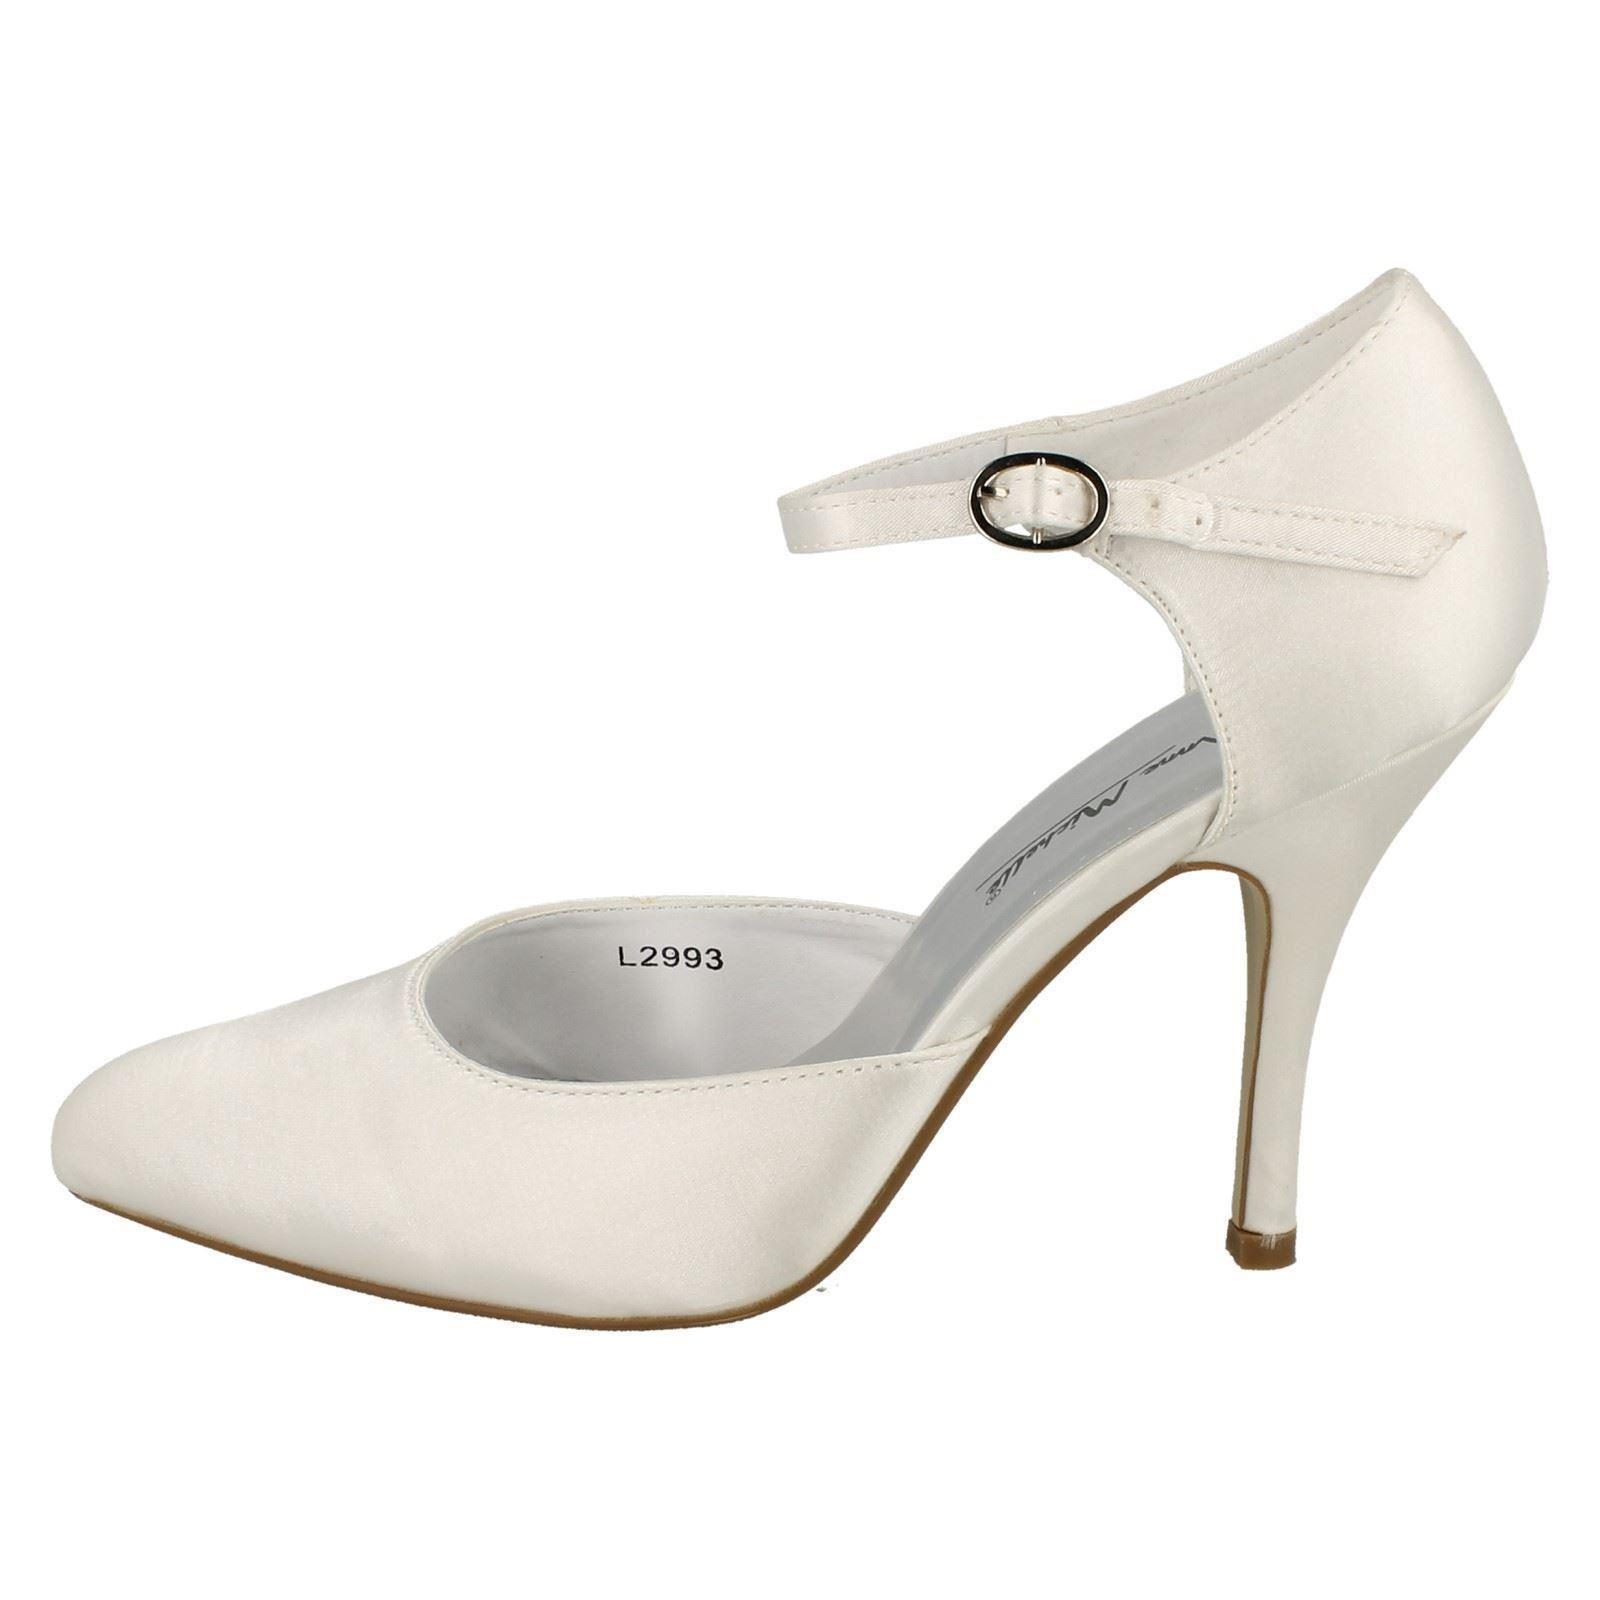 Donna-Anne-Michelle-alto-con-tacchi-da-sposa-in-raso-Scarpe-l2993